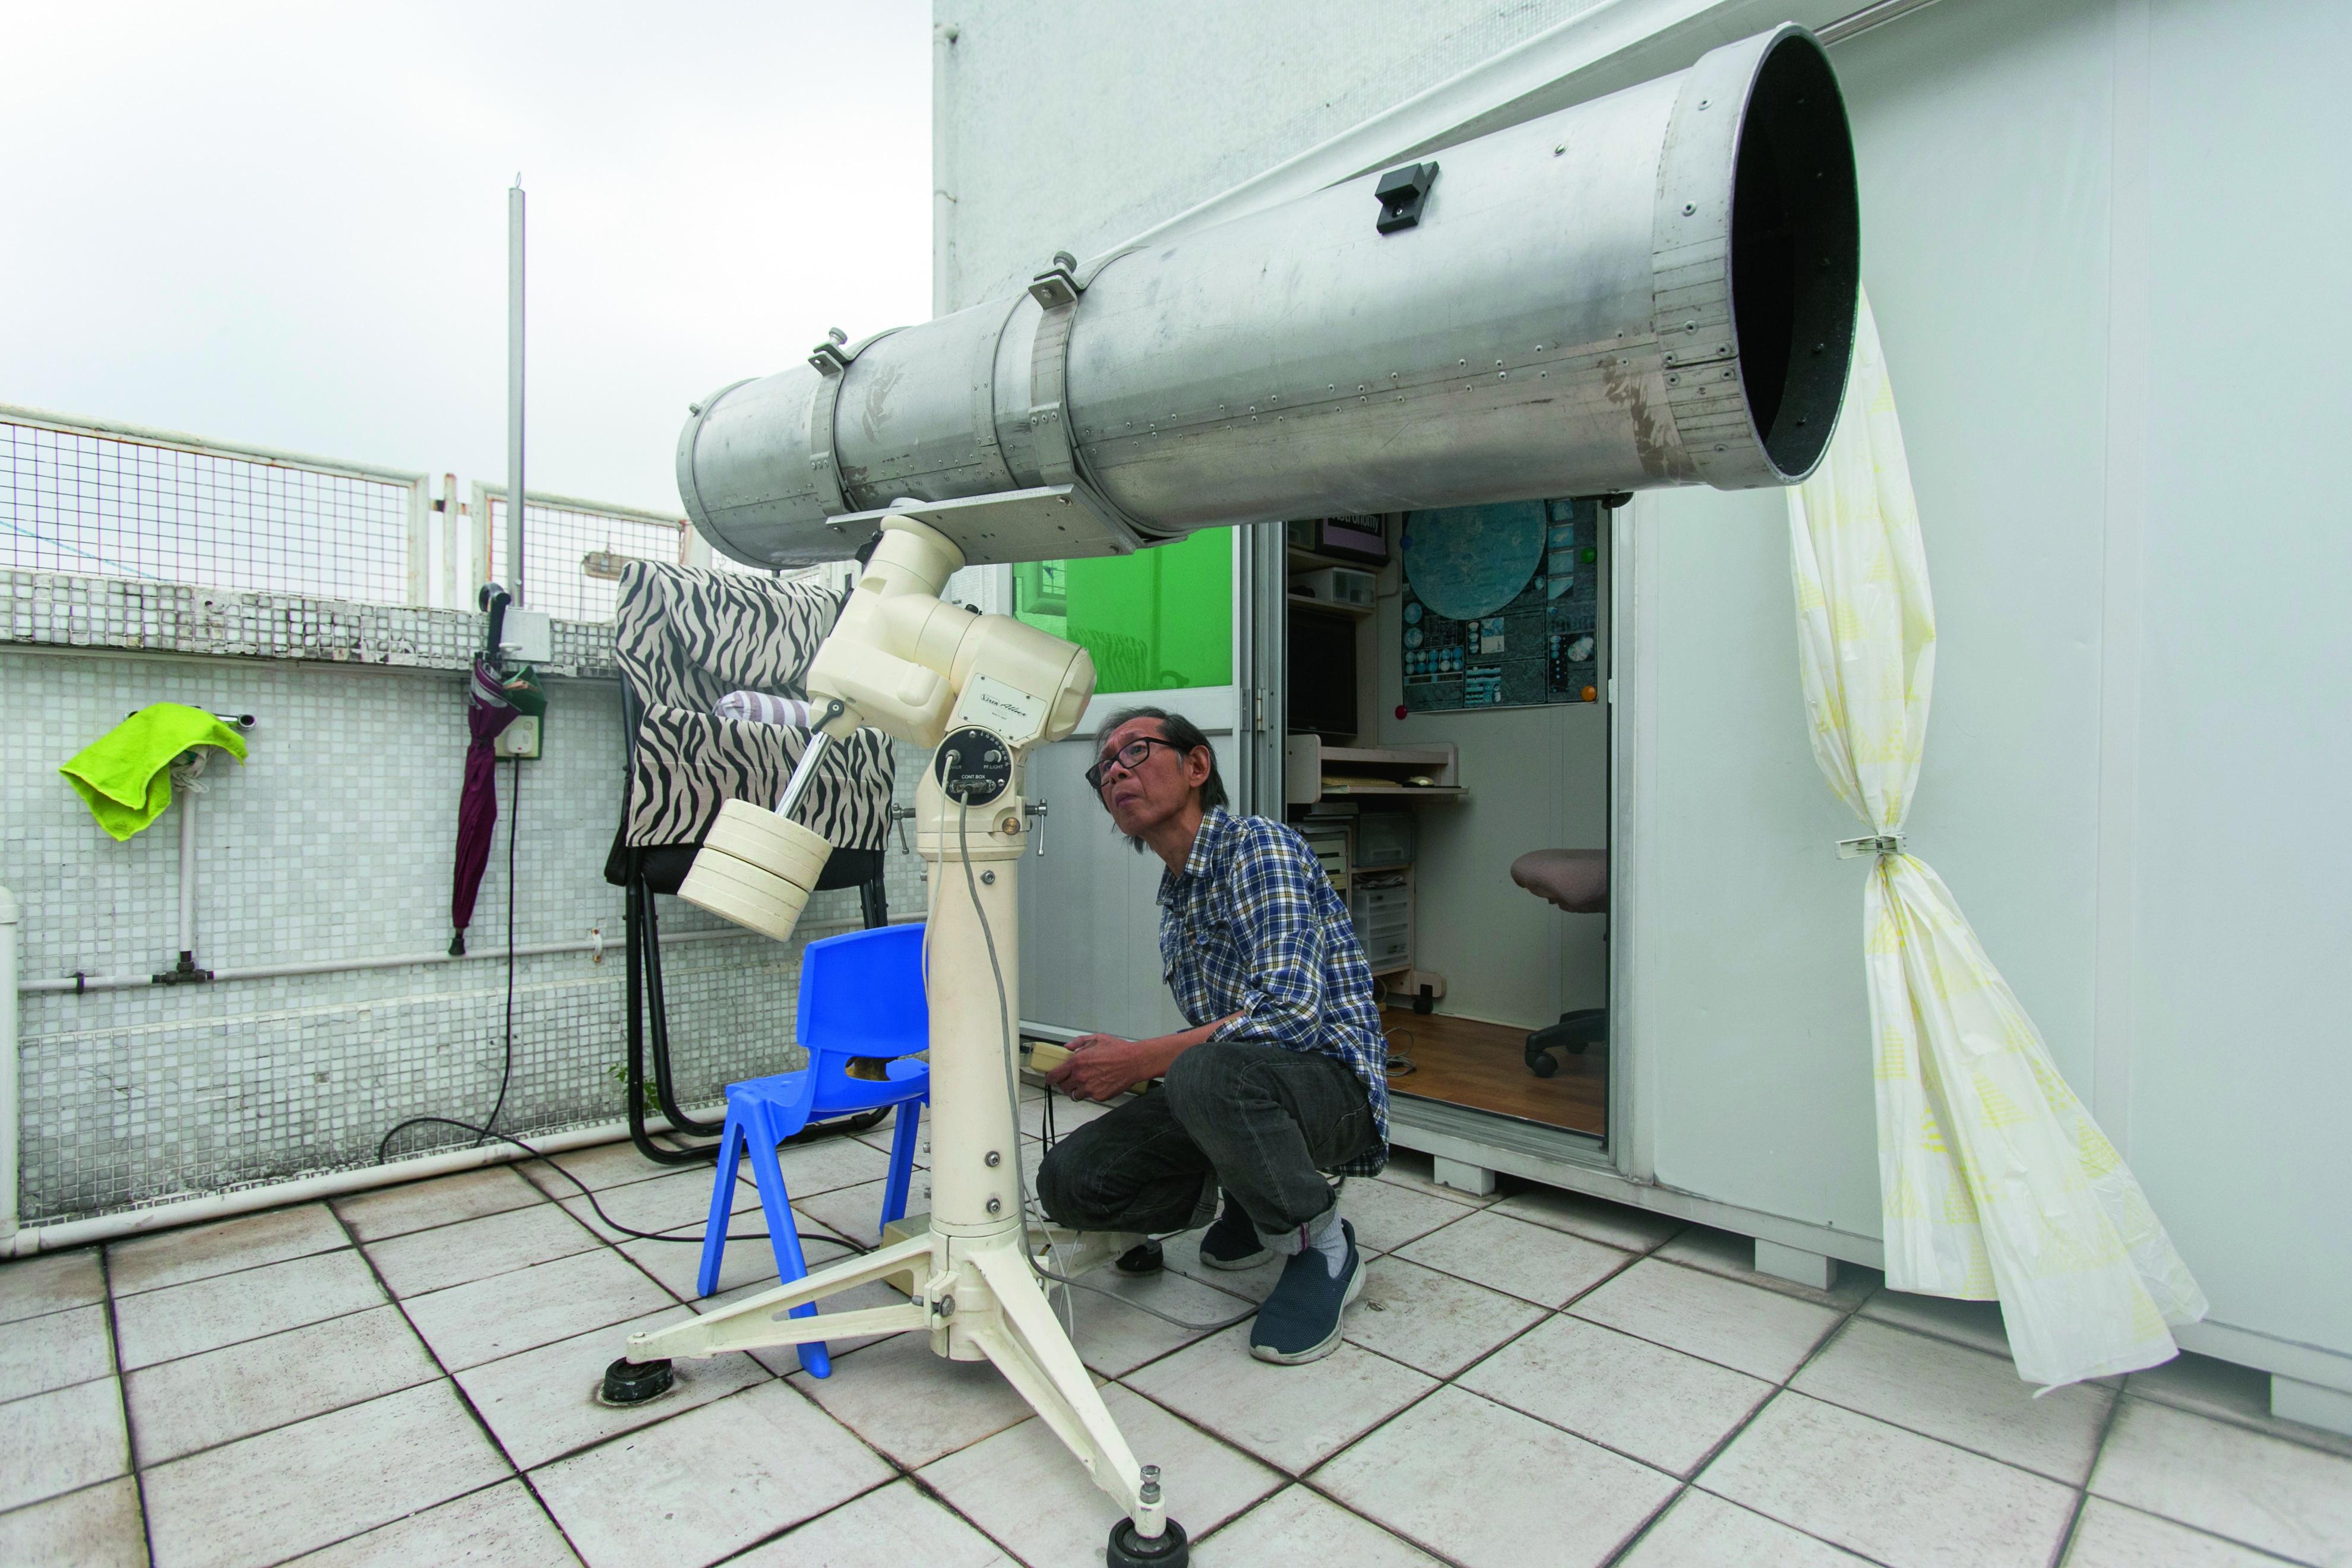 朱永鴻就是用這支望遠鏡,用三年時間觀測及拍攝月球地貌。